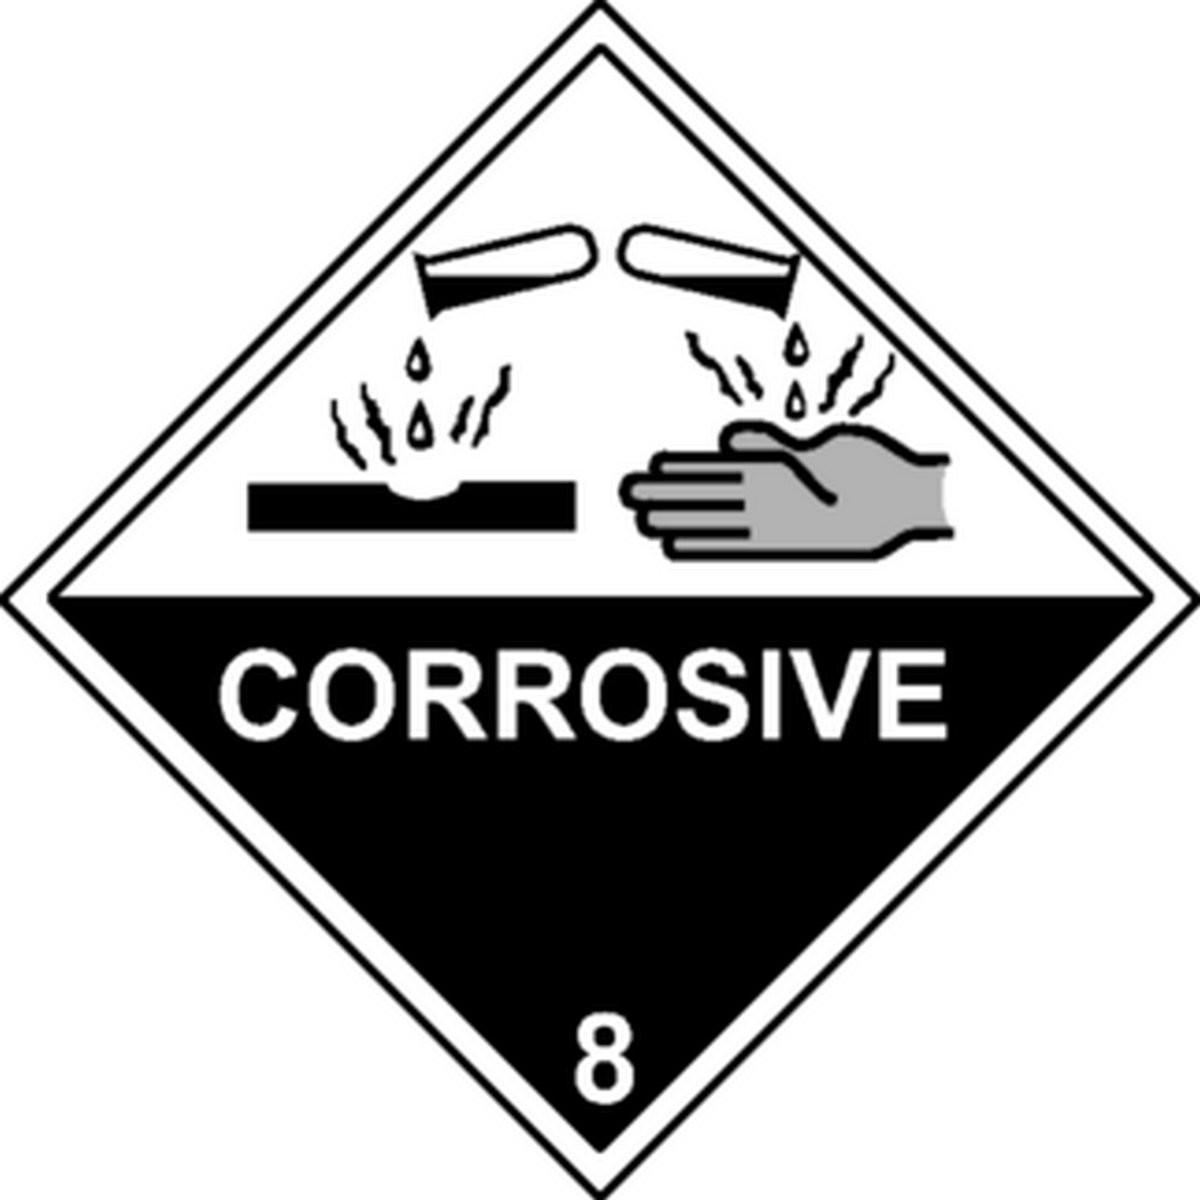 Etiquette Corrosive Classe 8 en anglais